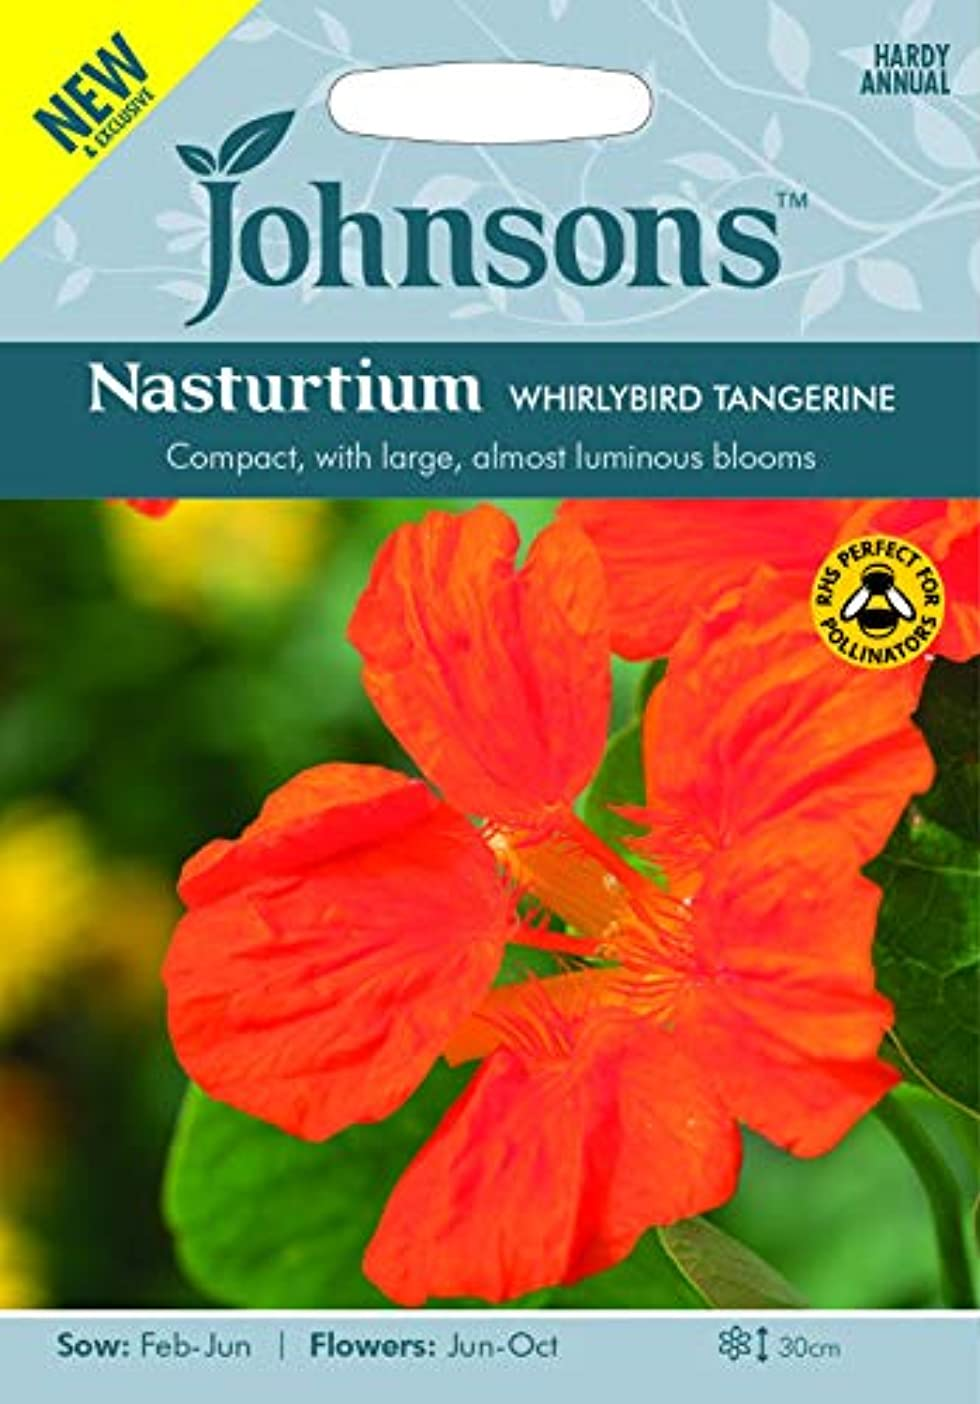 シェード返還プラットフォーム種子パッケージ:3:ジョンソンSeedsWhirlyタンジェリン種子 - Y!